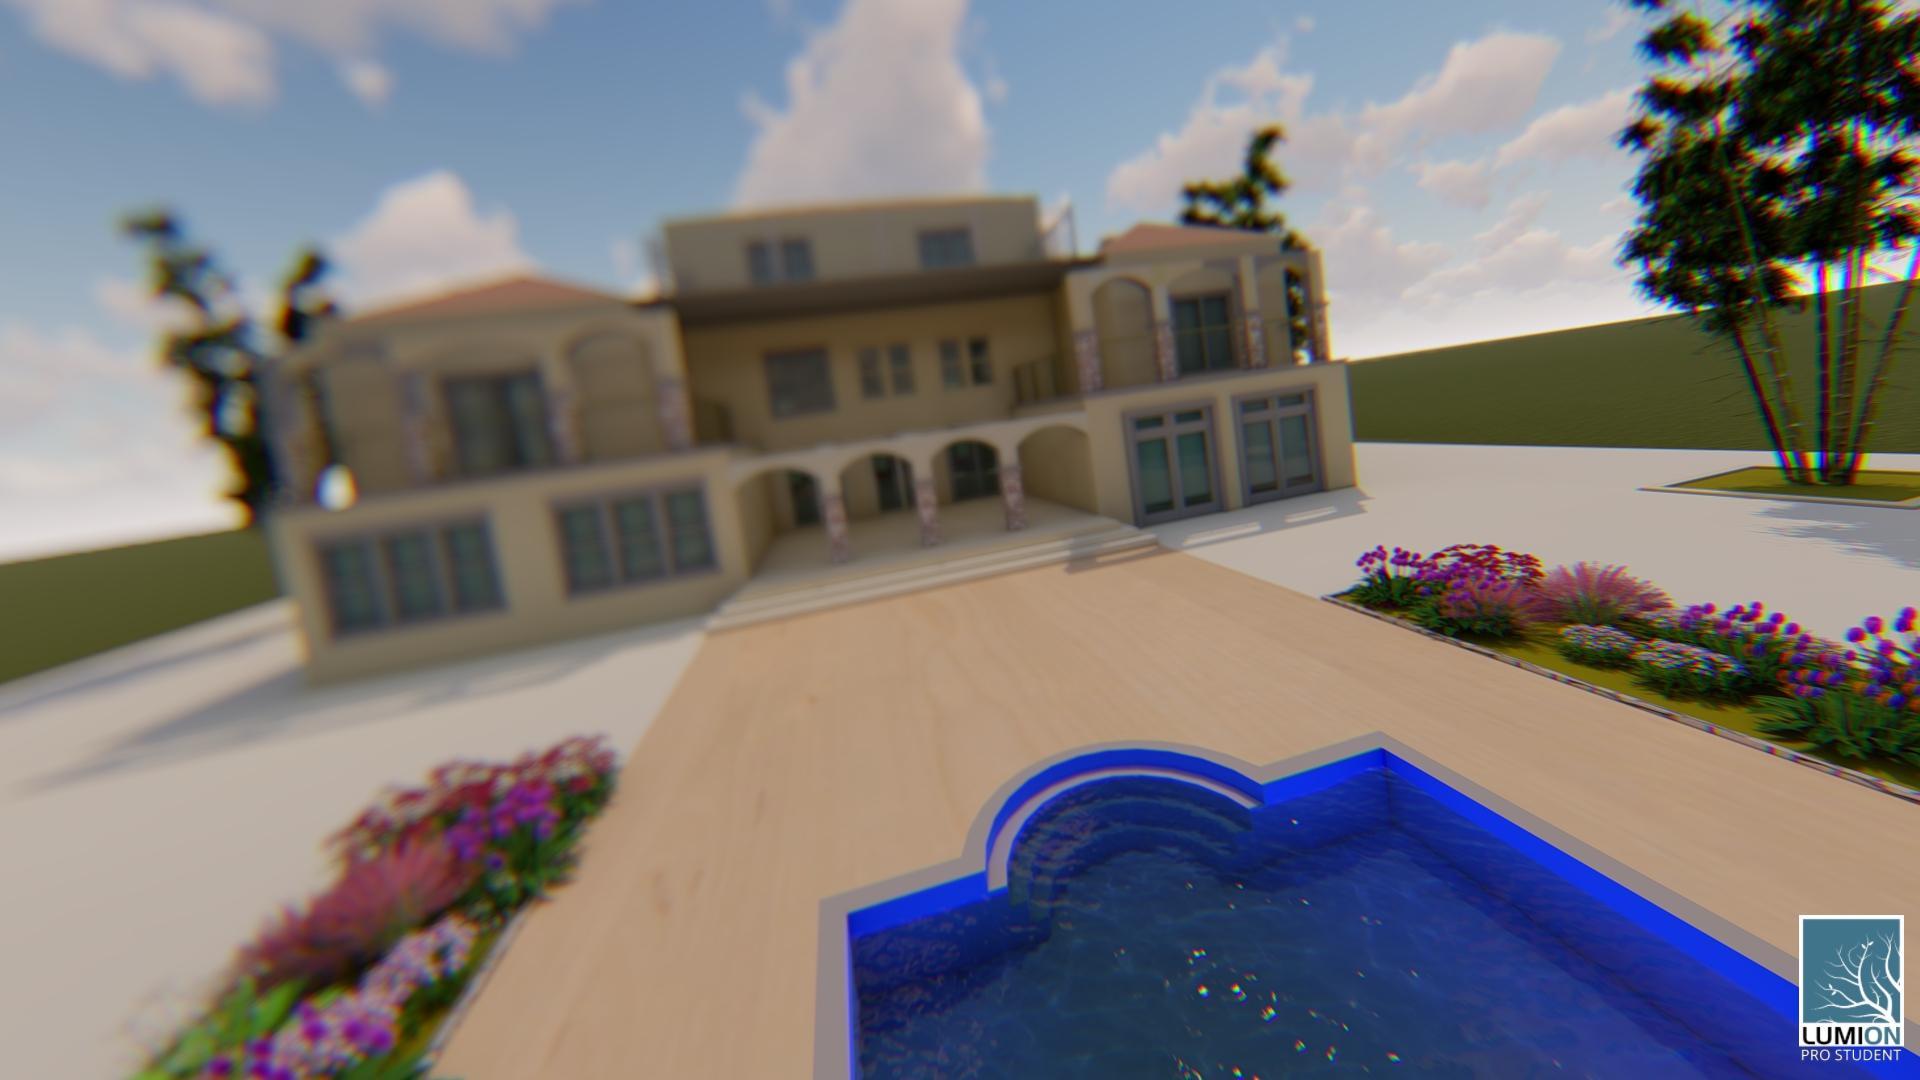 הי. תכנון שלי + לומיון. הבריכה שתכננתי בסקצ'אפ לא נראית בלומיון וקיבלה דשא. 2